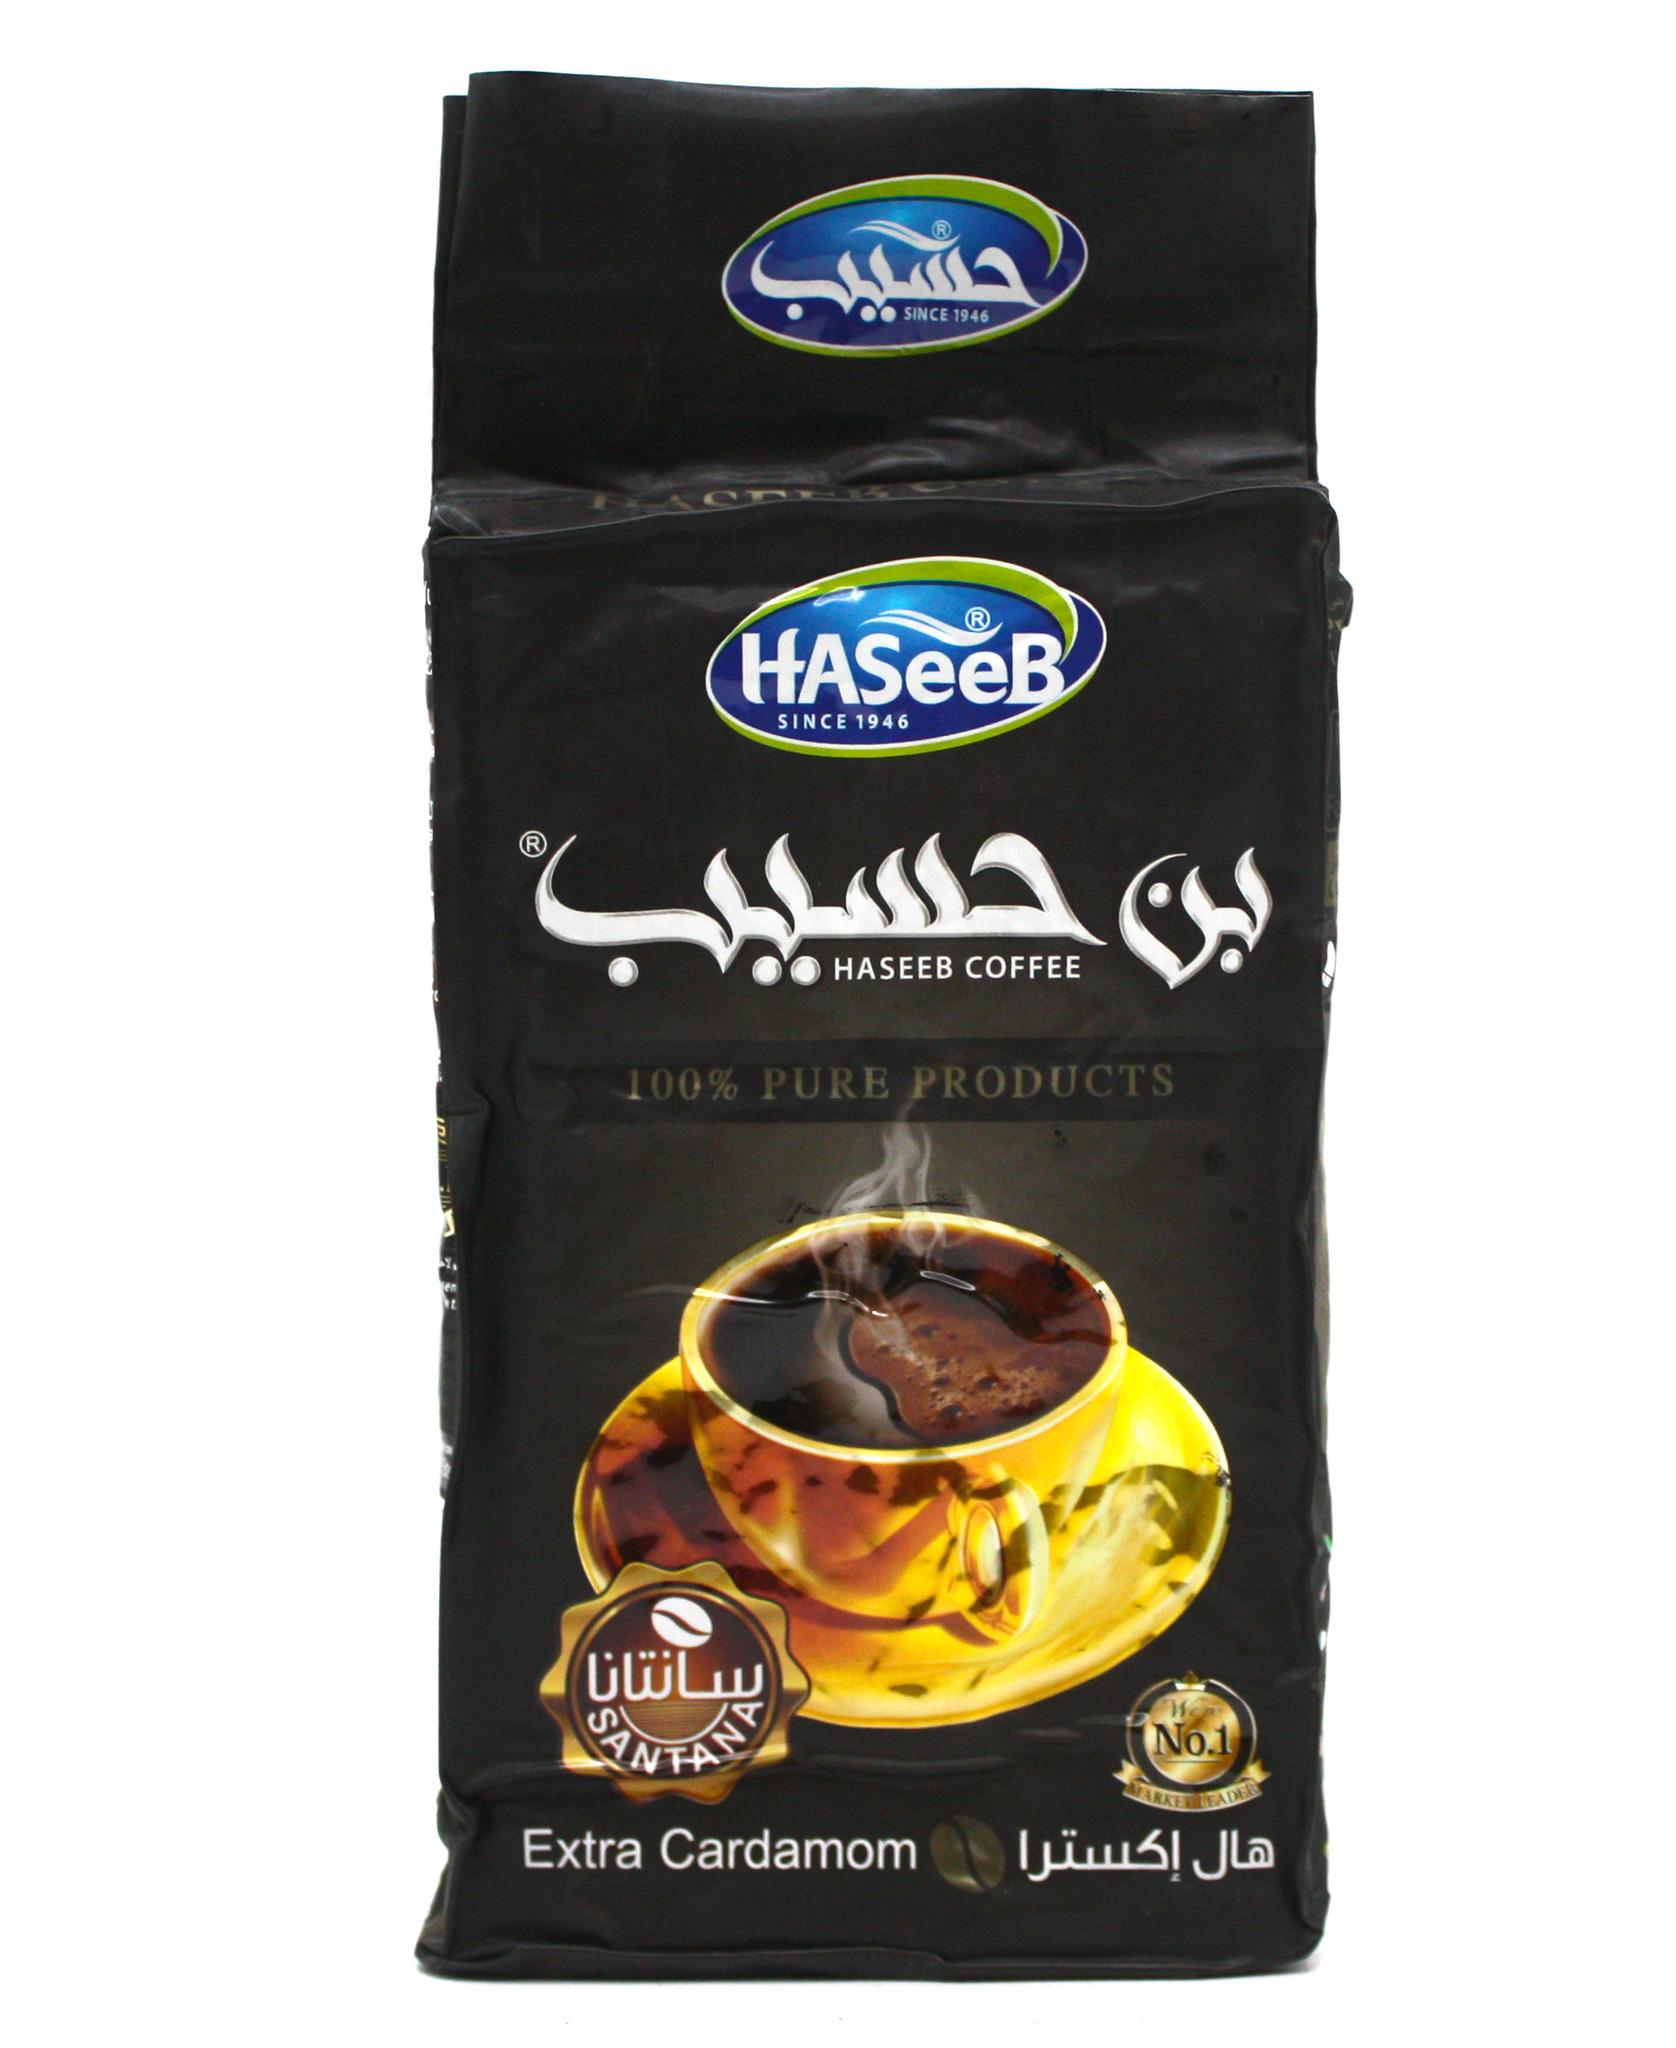 Кофе молотый Арабский кофе Extra Cardamom, Haseeb, 500 г import_files_1e_1ef3f6771b1a11e9a9a6484d7ecee297_1ef3f68f1b1a11e9a9a6484d7ecee297.jpg